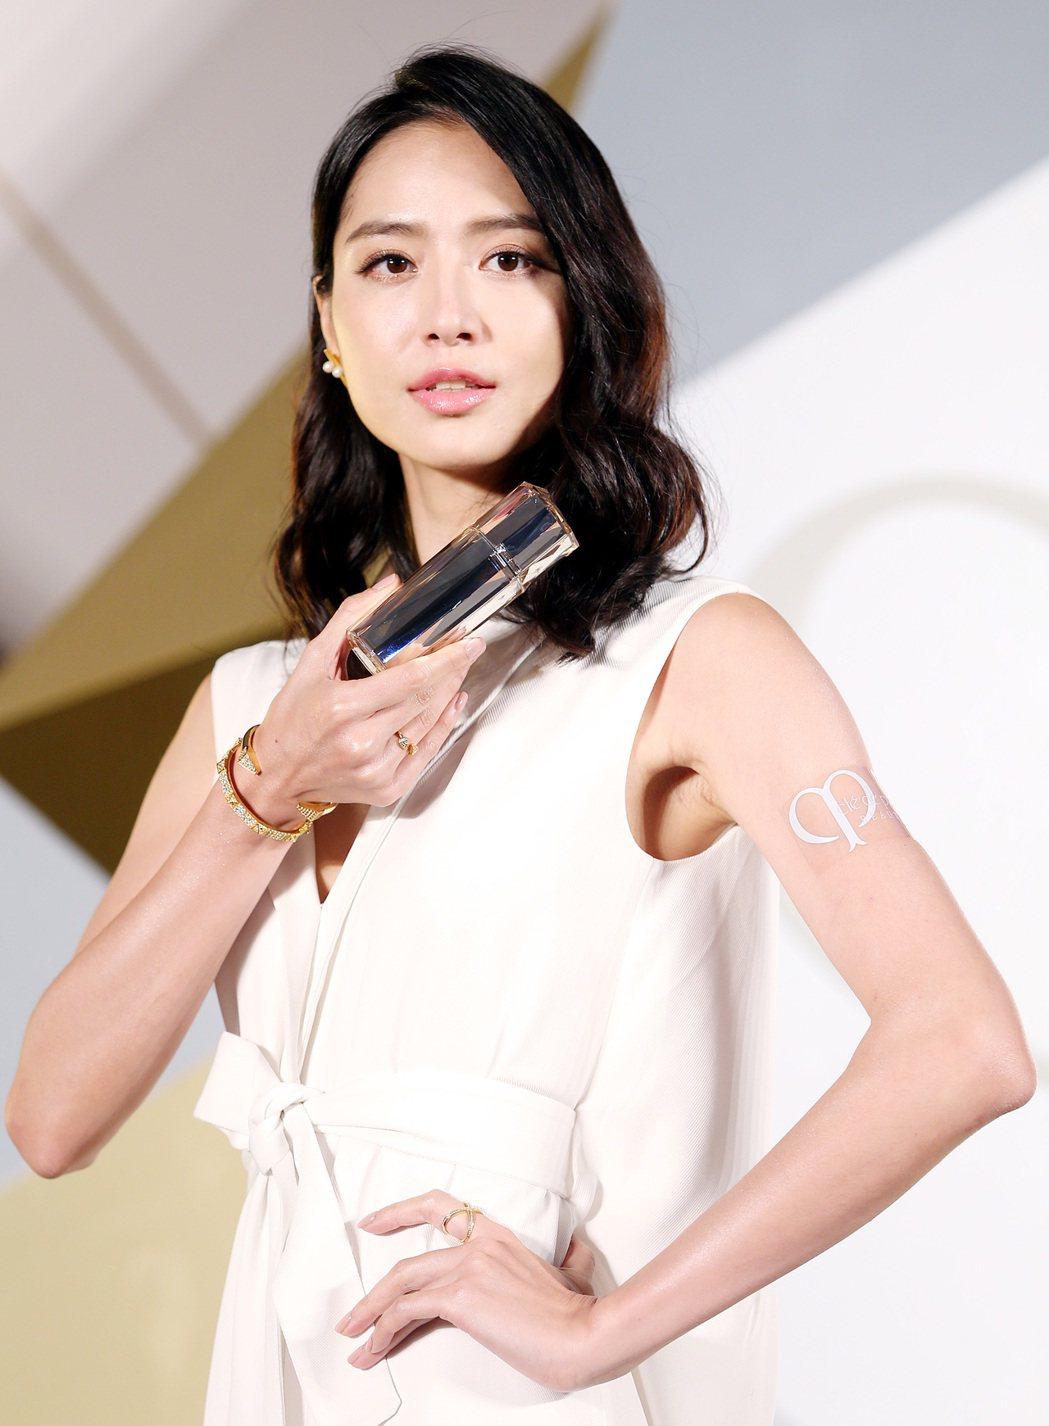 新手媽咪白歆惠仍擁有美麗體態與膚質。記者侯永全/攝影